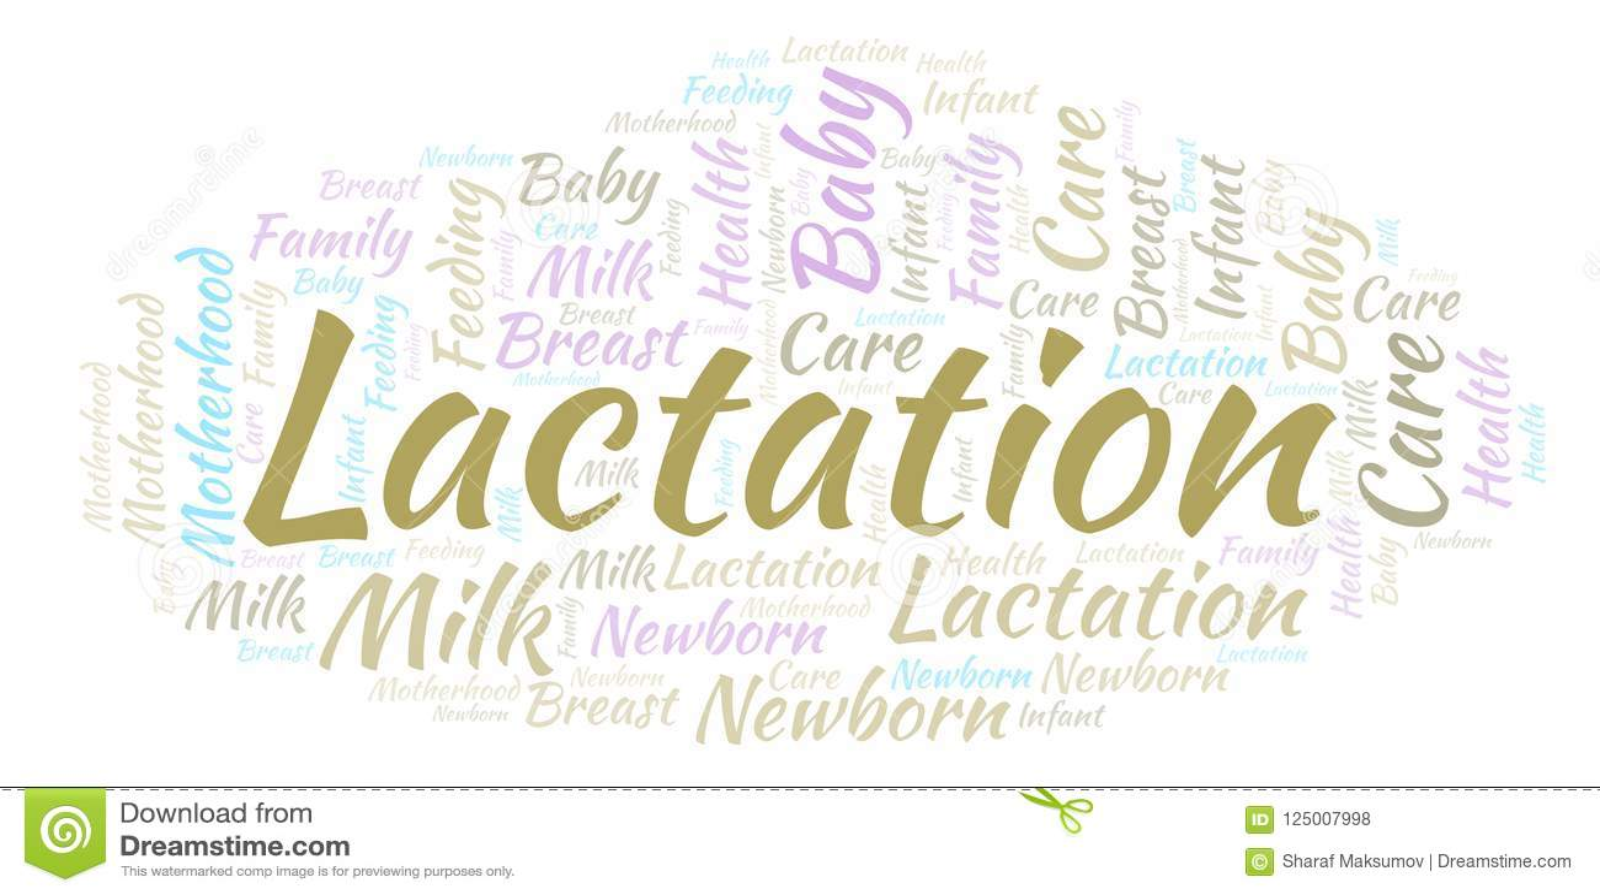 Lactation word cloud.